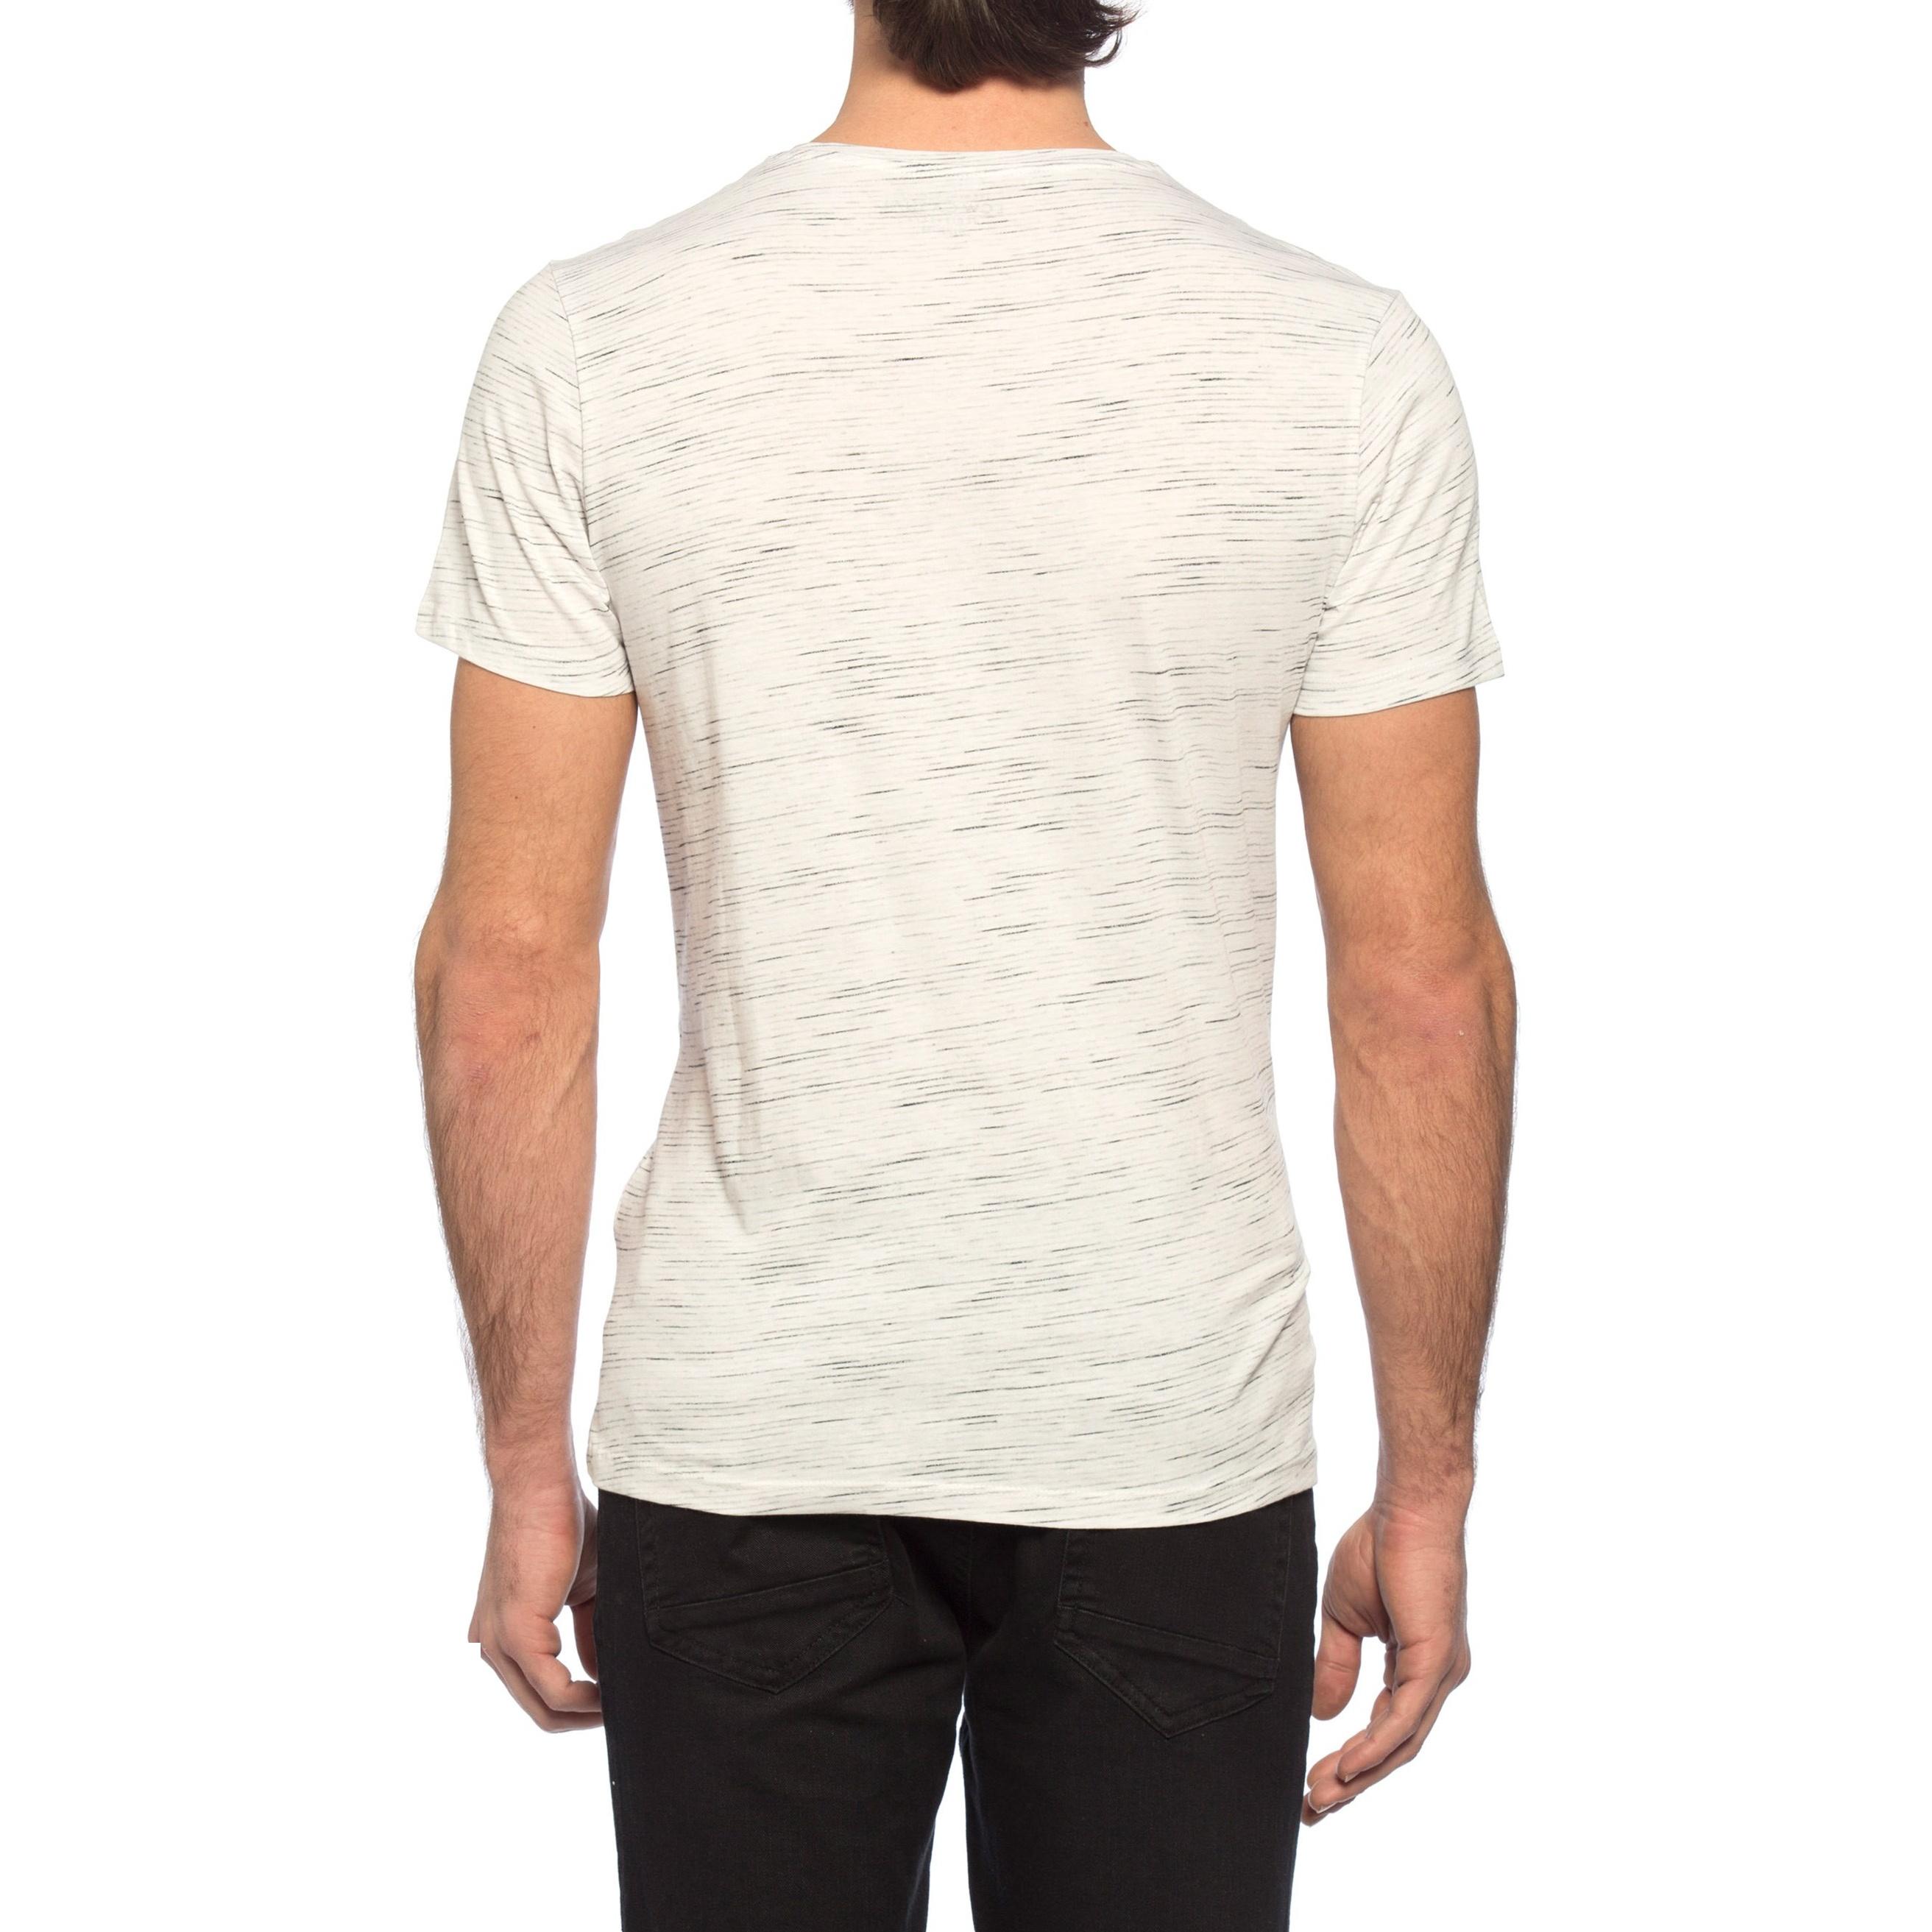 تی شرت نخی مردانه - ال سی وایکیکی - کرم  - 5